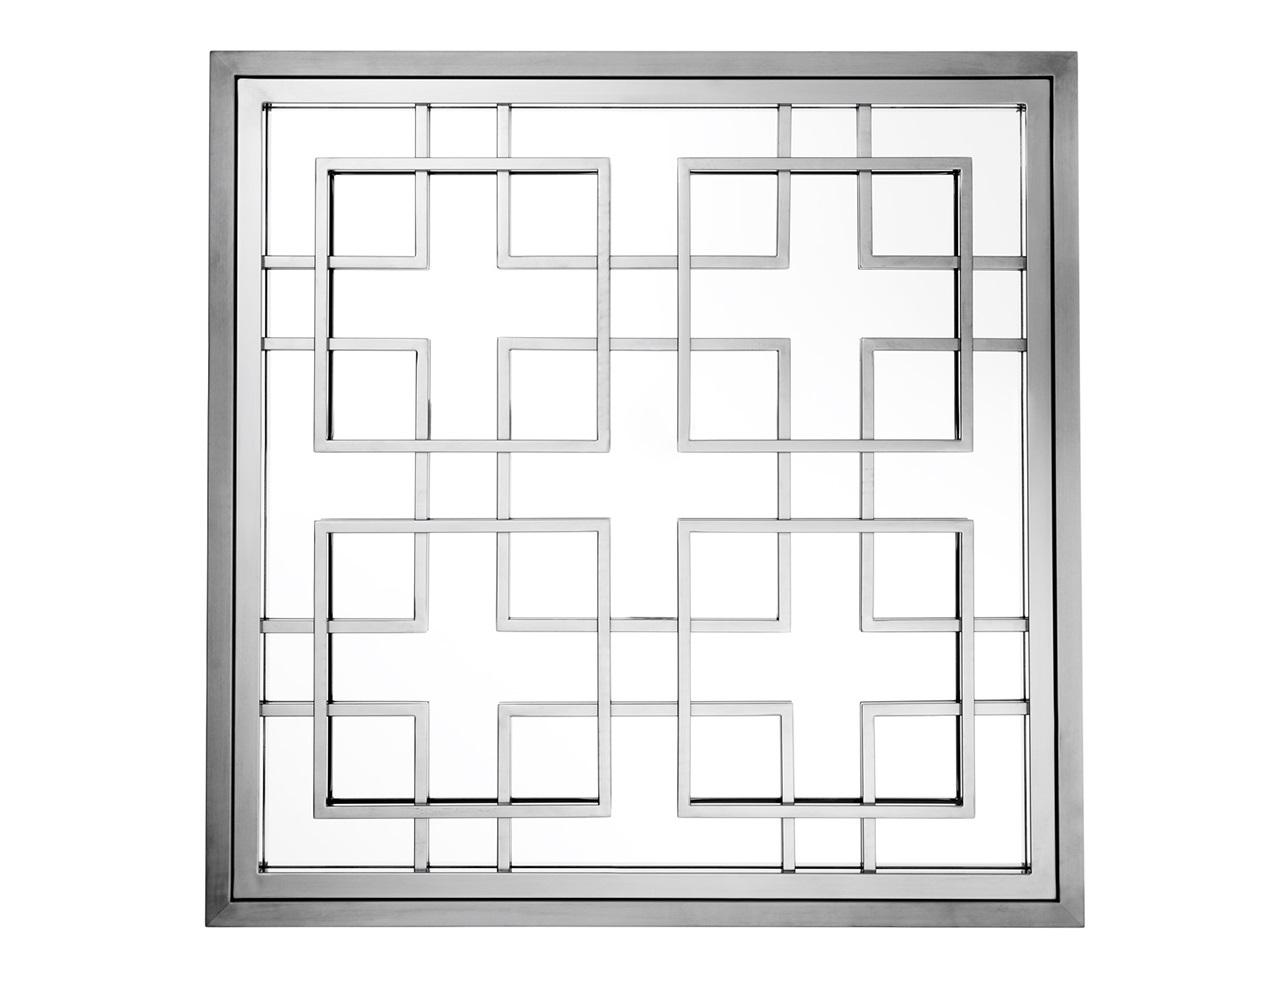 ЗеркалоНастенные зеркала<br>Зеркало Mirror Mota в никелированной раме с оригинальным дизайном.<br><br>Material: Металл<br>Ширина см: 100.0<br>Высота см: 100.0